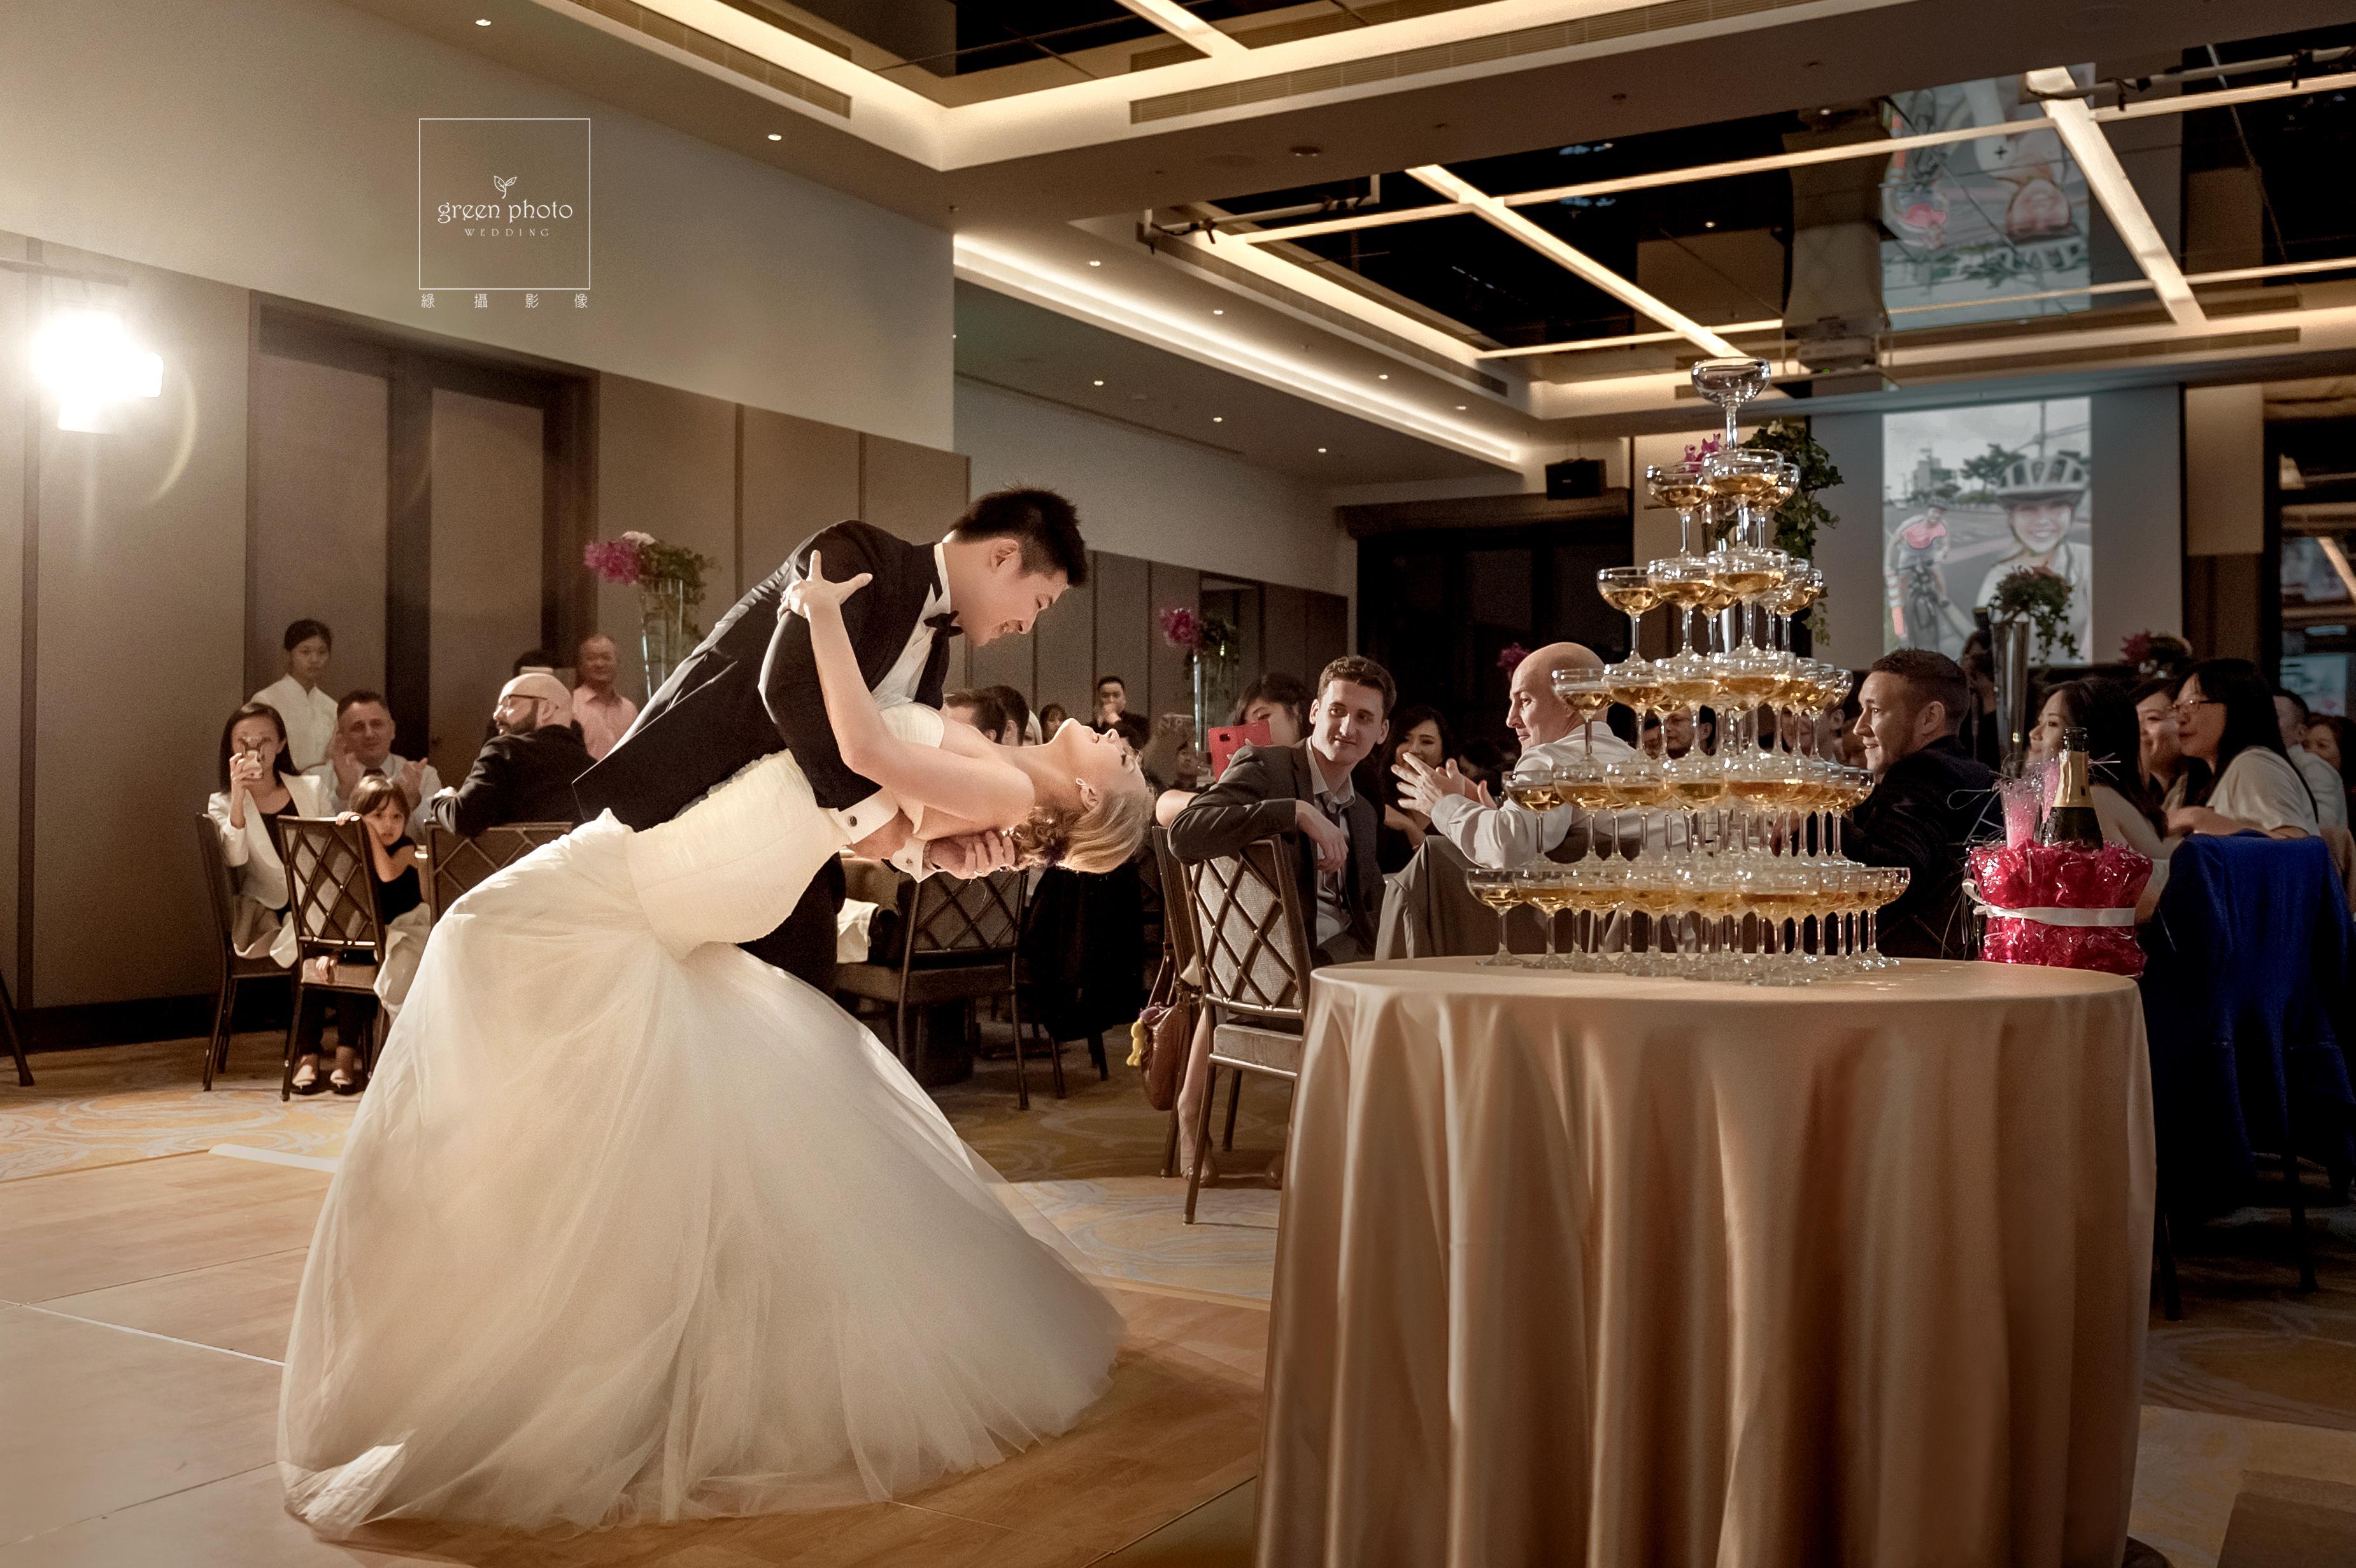 婚禮攝影,婚禮紀錄,婚禮記錄,婚攝,婚禮平面記錄,綠攝影像,黑熊,攝影師黑熊,婚攝小熊,婚攝黑熊,說故事風格,溫馨自然,婚禮,享受每一場拍攝的機會,用心體會每個家庭不同的故事,你的幸福我的視野,儀式,宴客,類婚紗,優質推薦,北部婚攝,台北婚攝,桃園婚攝,greenphoto,溫度,情感,劉凱文, kevin,wedding,photographer,幸福,歡樂,帶氣氛,自然引導,雙主攝,台北萬豪酒店,超嗨婚禮,firstdance,第一支舞,雞尾酒會,外國新娘,外國婚禮,美式婚禮,自然捕捉,情感攝影,美麗的瞬間,邊玩邊拍,afterparty,weddingparty,萬豪婚禮作品,萬豪婚攝綠攝影像,黑熊,婚攝黑熊,萬豪酒店婚禮,萬豪婚禮作品,萬豪婚攝,自然婚禮,情感婚禮,溫度攝影,台北婚攝,桃園婚攝,北部婚攝,婚禮紀錄,婚禮攝影,平面攝影,婚禮平面記錄,美式婚禮,外國婚禮,